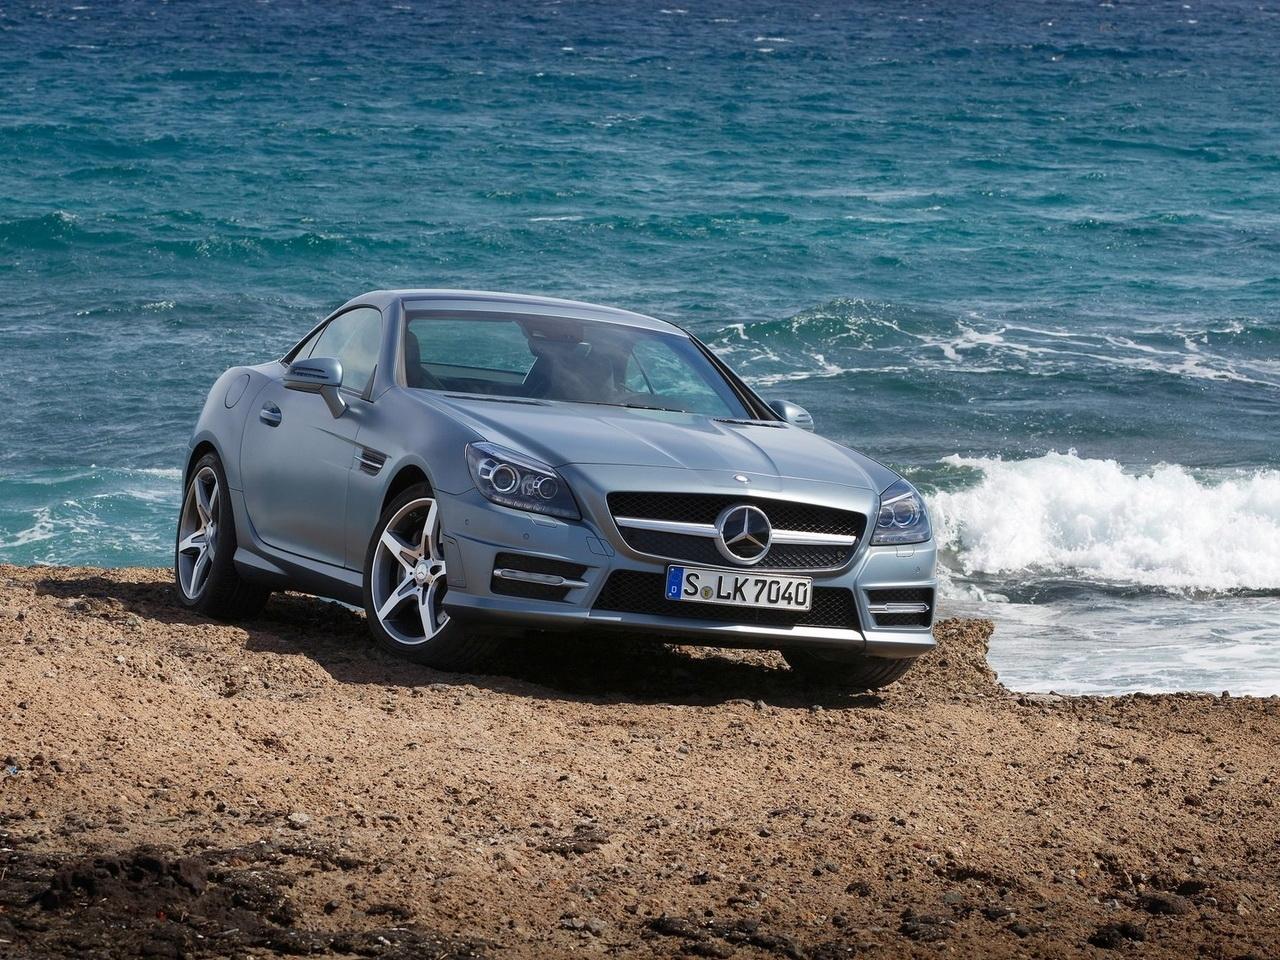 39891 скачать обои Транспорт, Машины, Мерседес (Mercedes) - заставки и картинки бесплатно